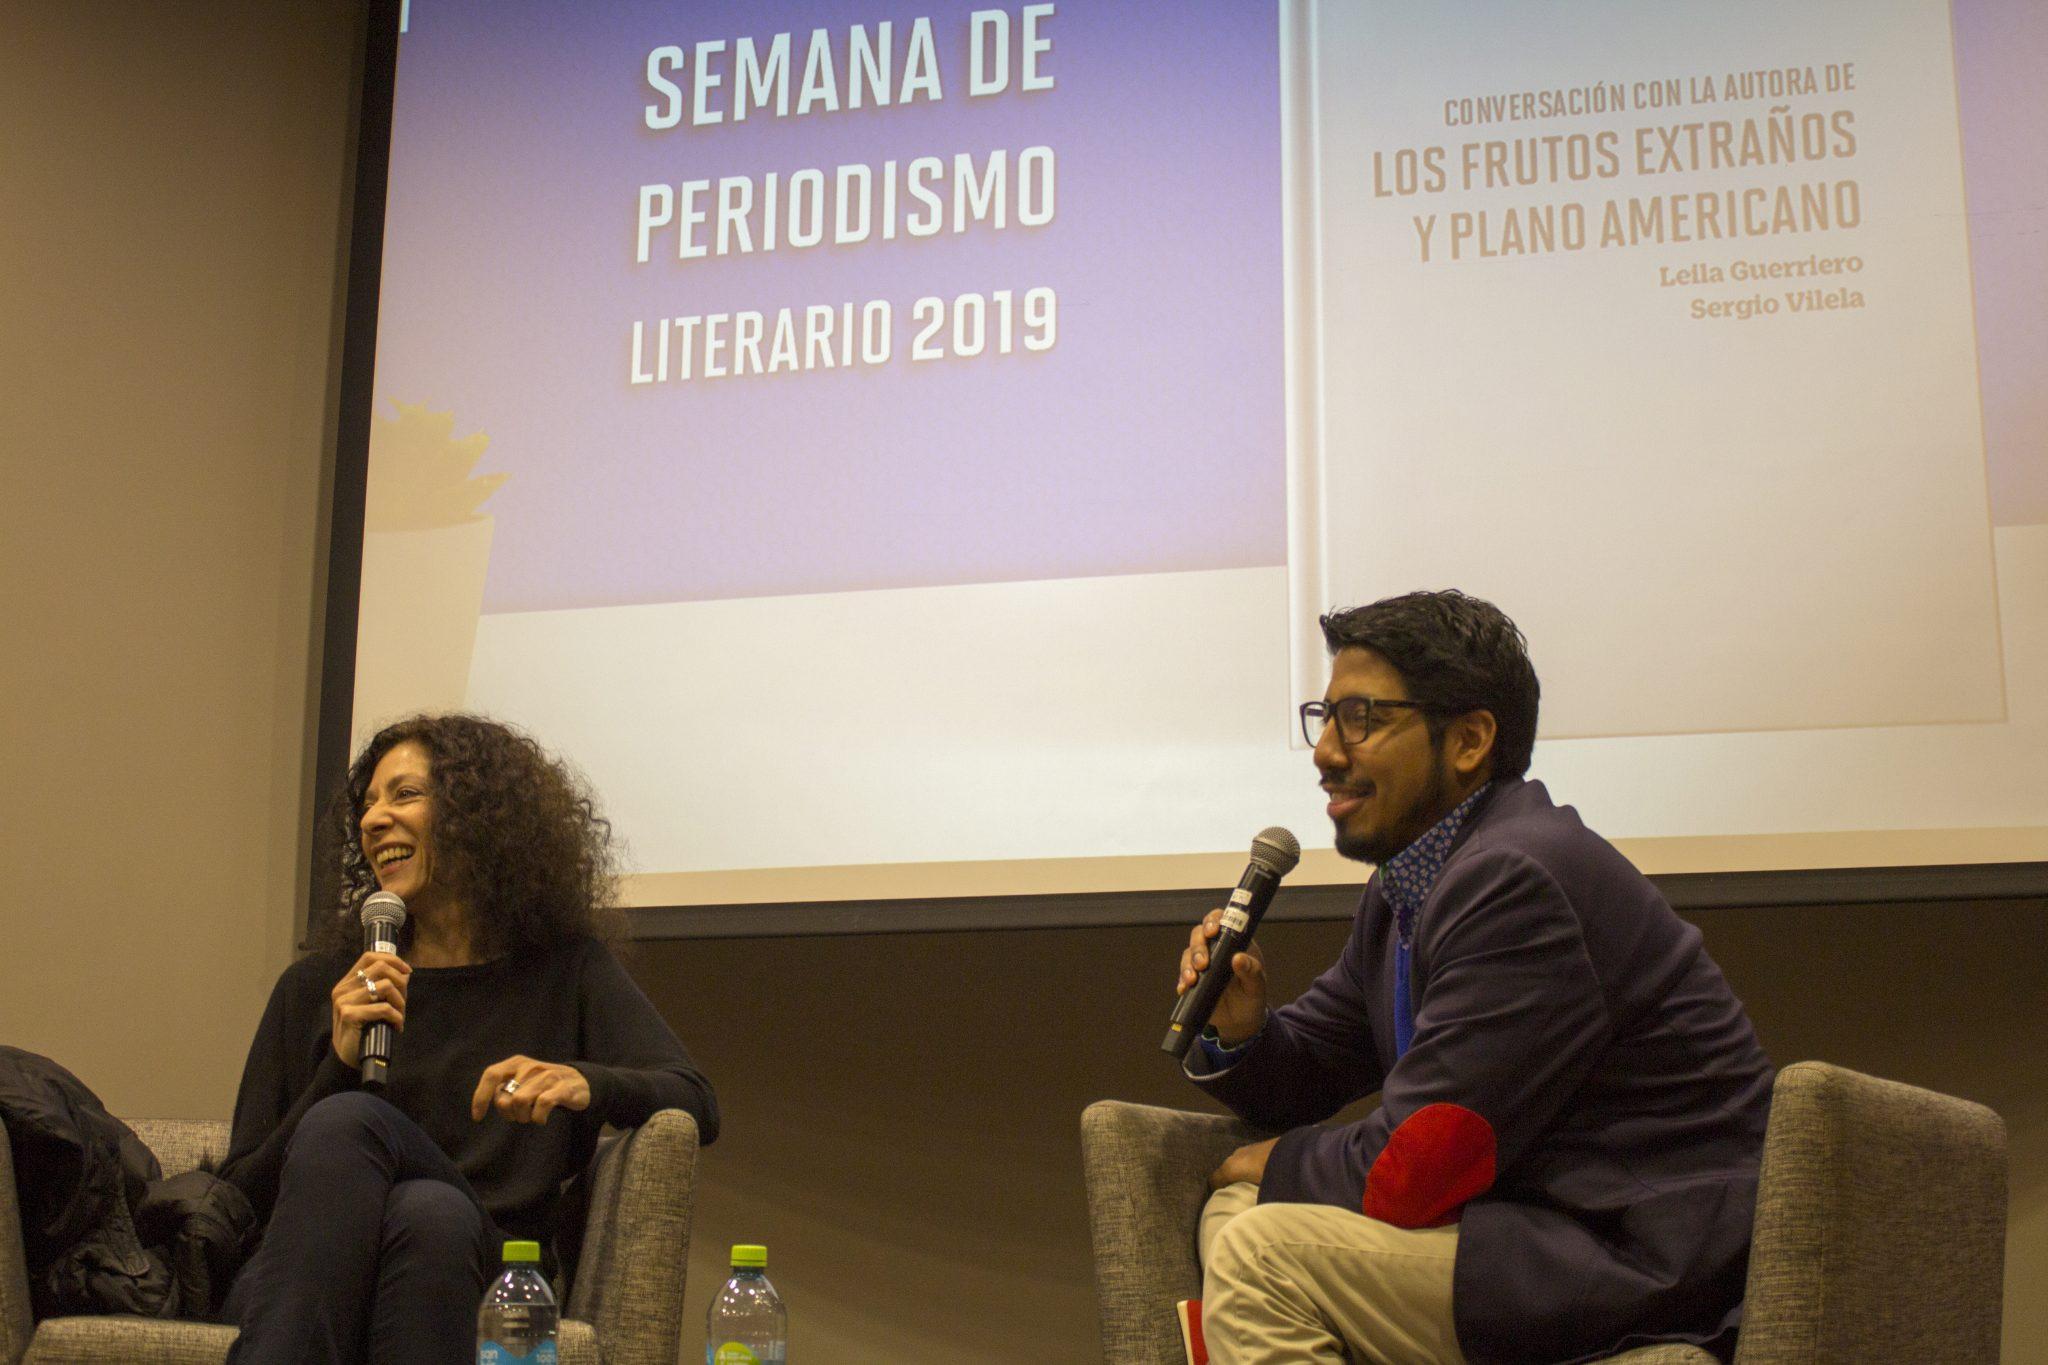 Lo mejor de la Semana de Periodismo Literario 2019 en UPC